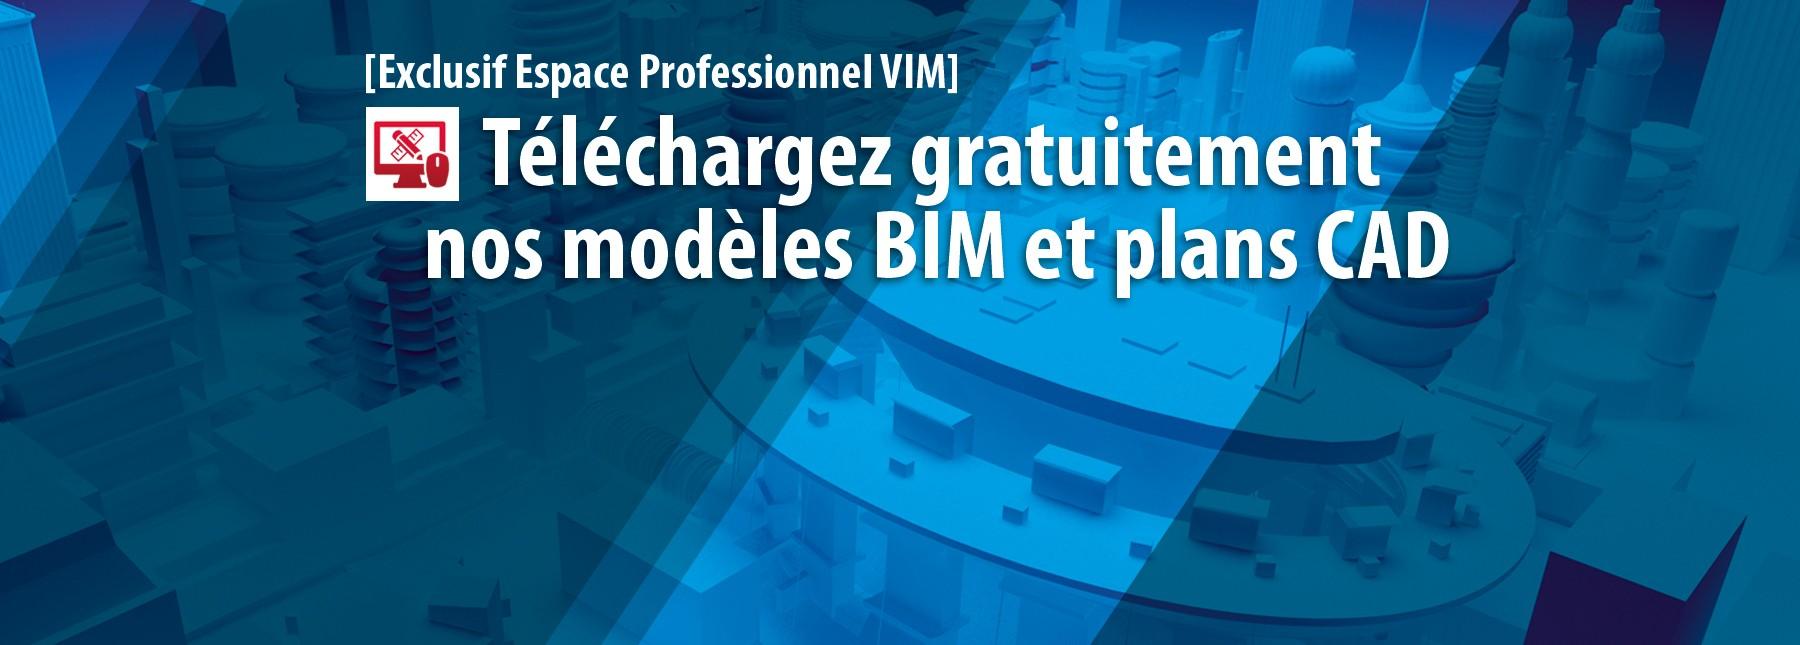 Téléchargez gratuitement nos modèles BIM et plans CAD